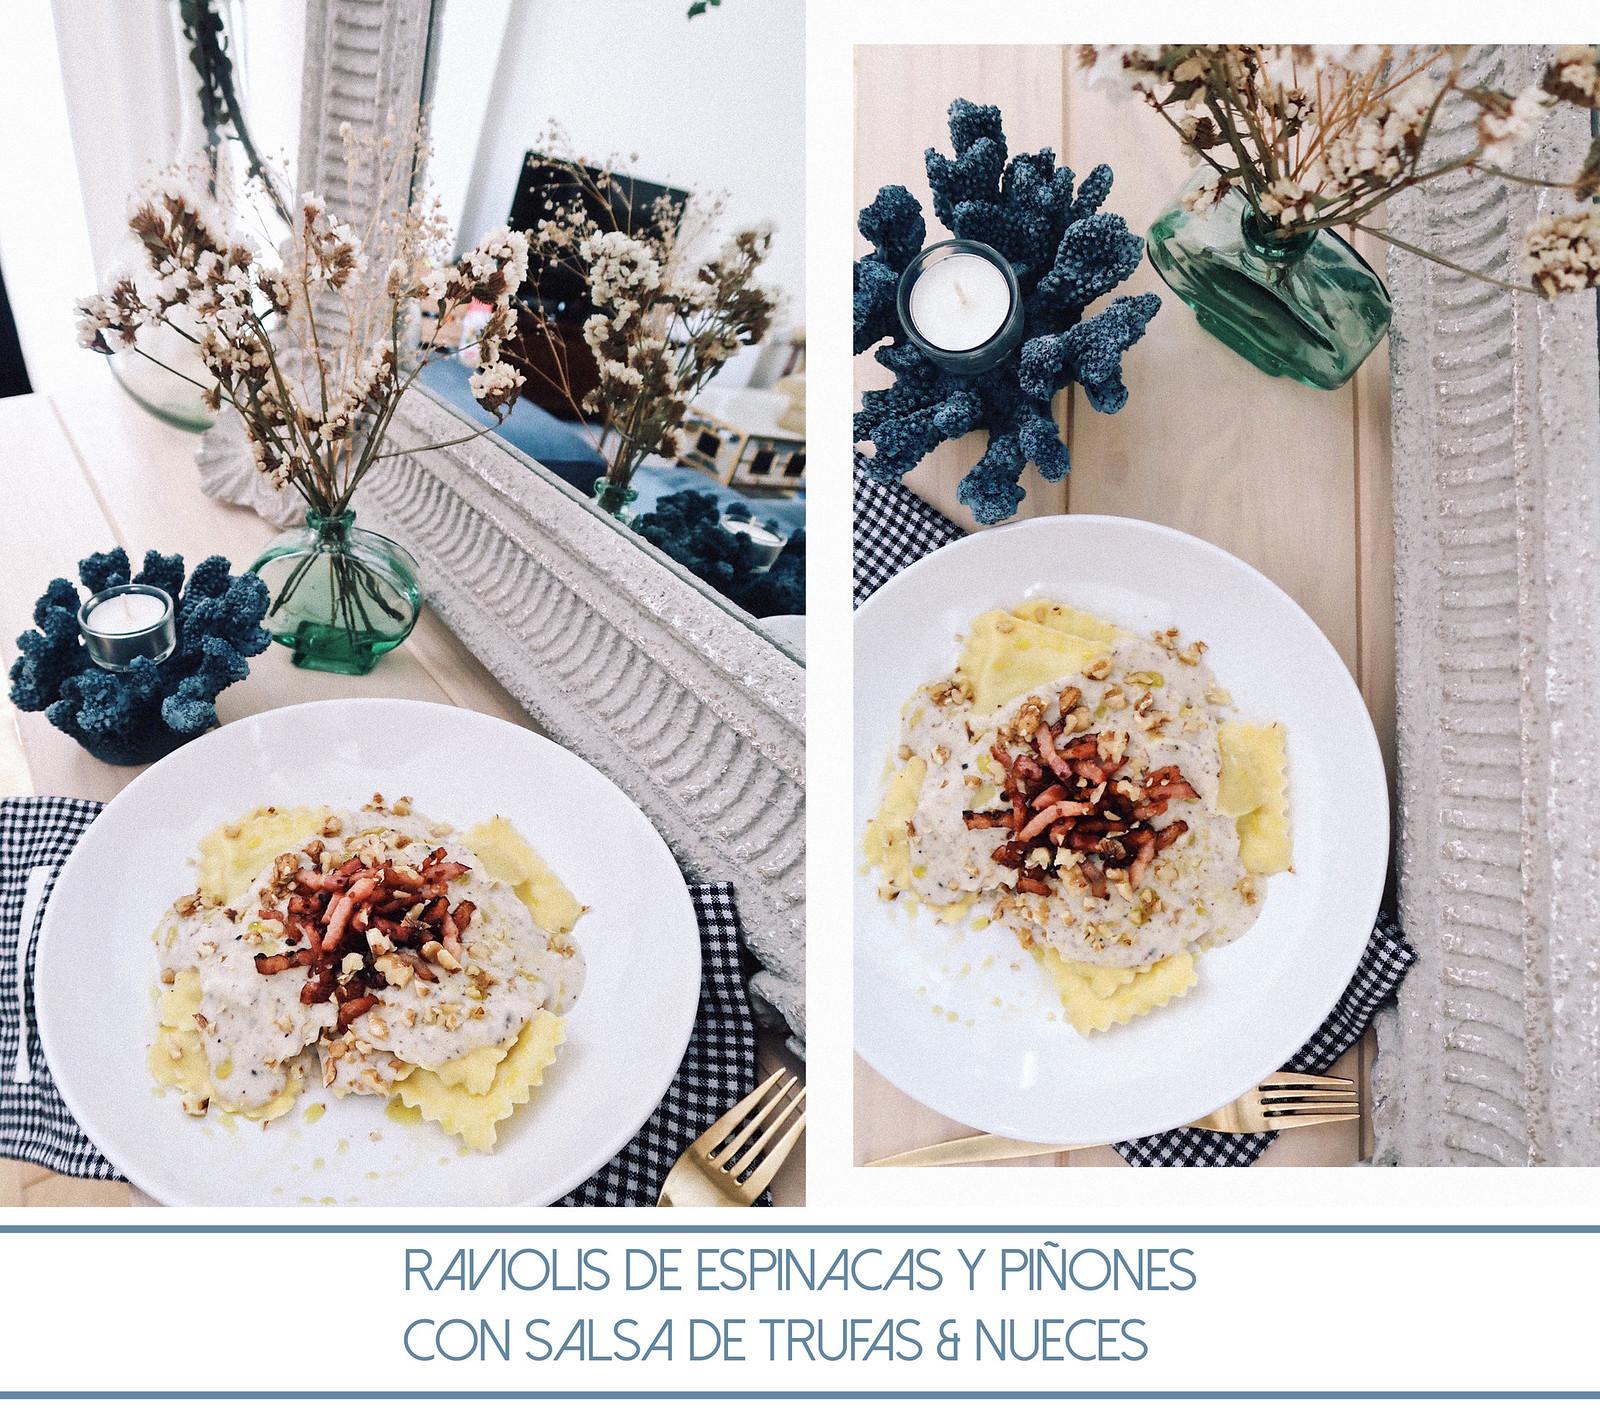 raviolis de espinaca con salsa de trufas